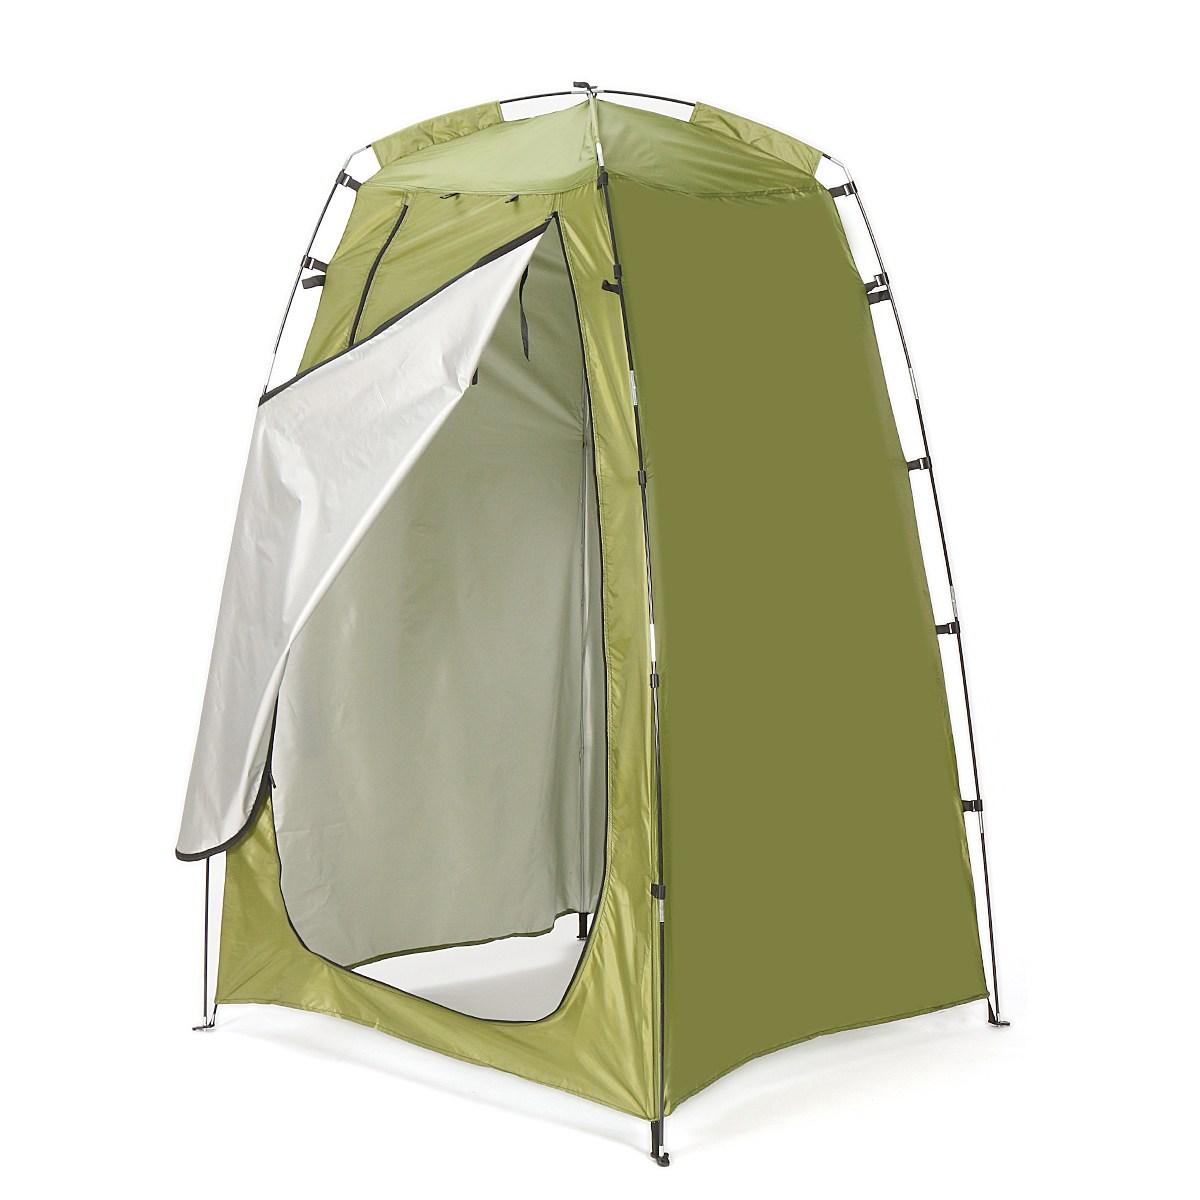 [해외]고품질 휴대용 개인 프라이버시 샤워 화장실 텐트 캠핑 텐트 야외 방수 변기 목욕 썬 쉼터 팝업 텐트/High quality Portable Privacy Shower Toilet Tent Camping tents Outdoor Waterproof Change B